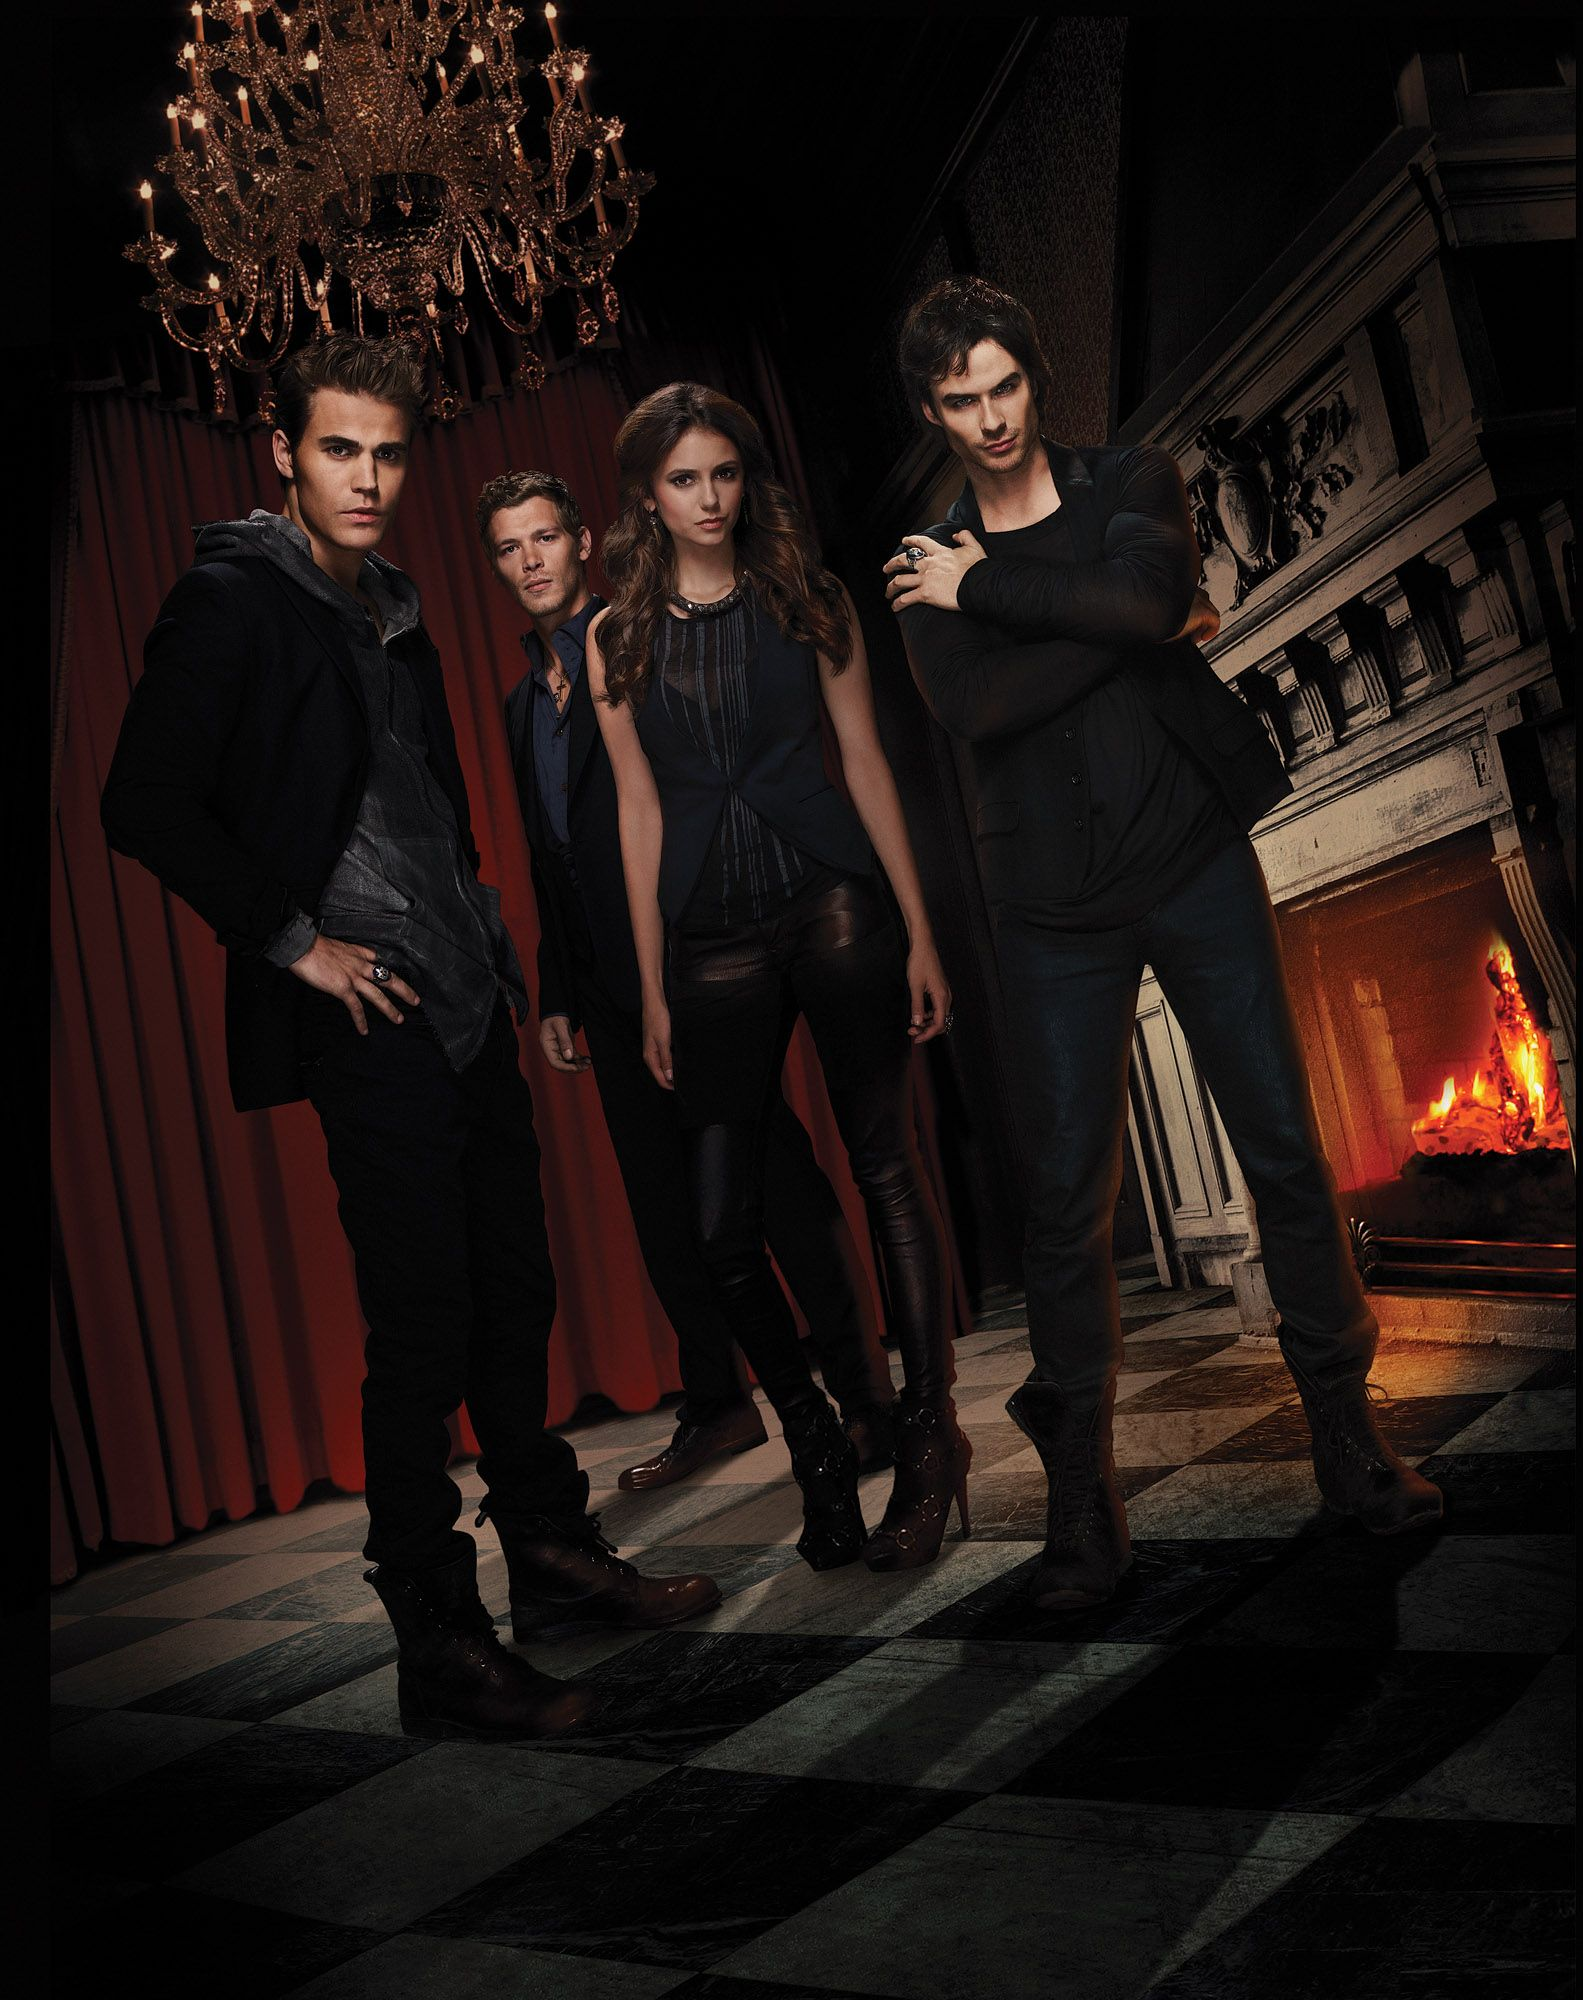 The Vampire Diaries Vampire Diaries Poster Vampire Diaries